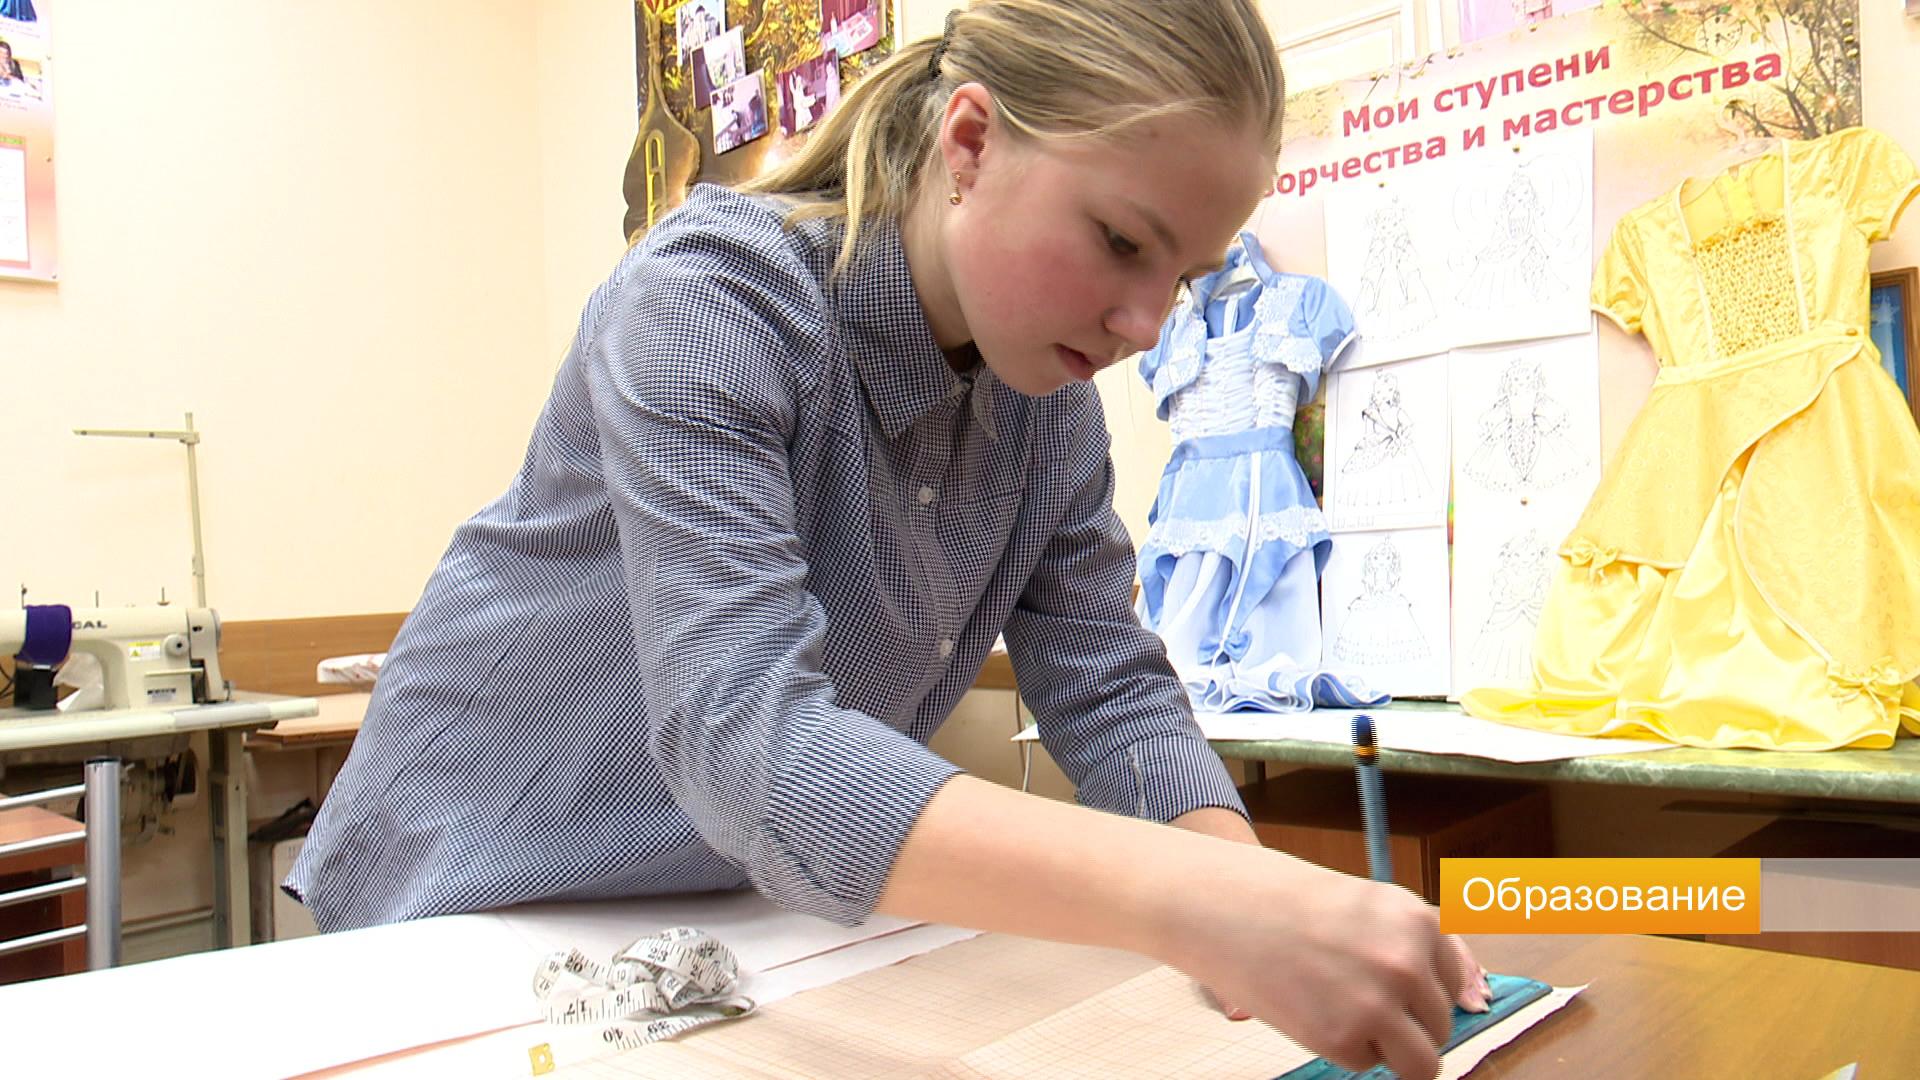 Технологическая революция в воронежских школах начнётся уже в сентябре